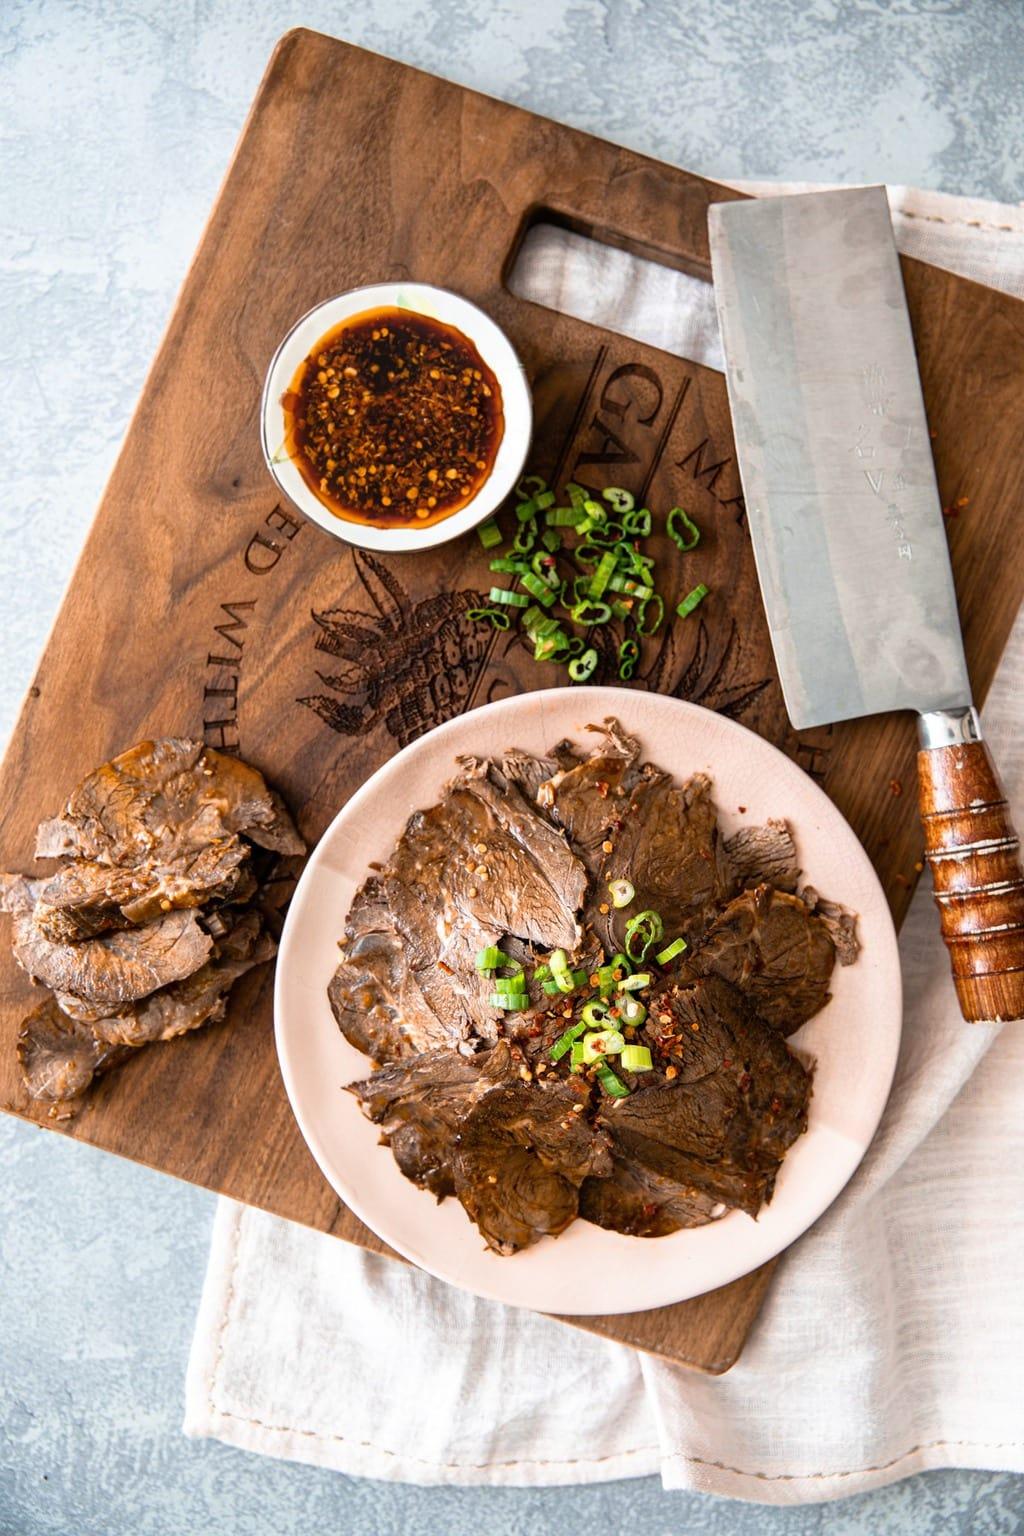 滷牛腱 (醬牛肉)- 入味不柴、軟嫩不爛的秘訣-Instant Pot 壓力鍋中文食譜